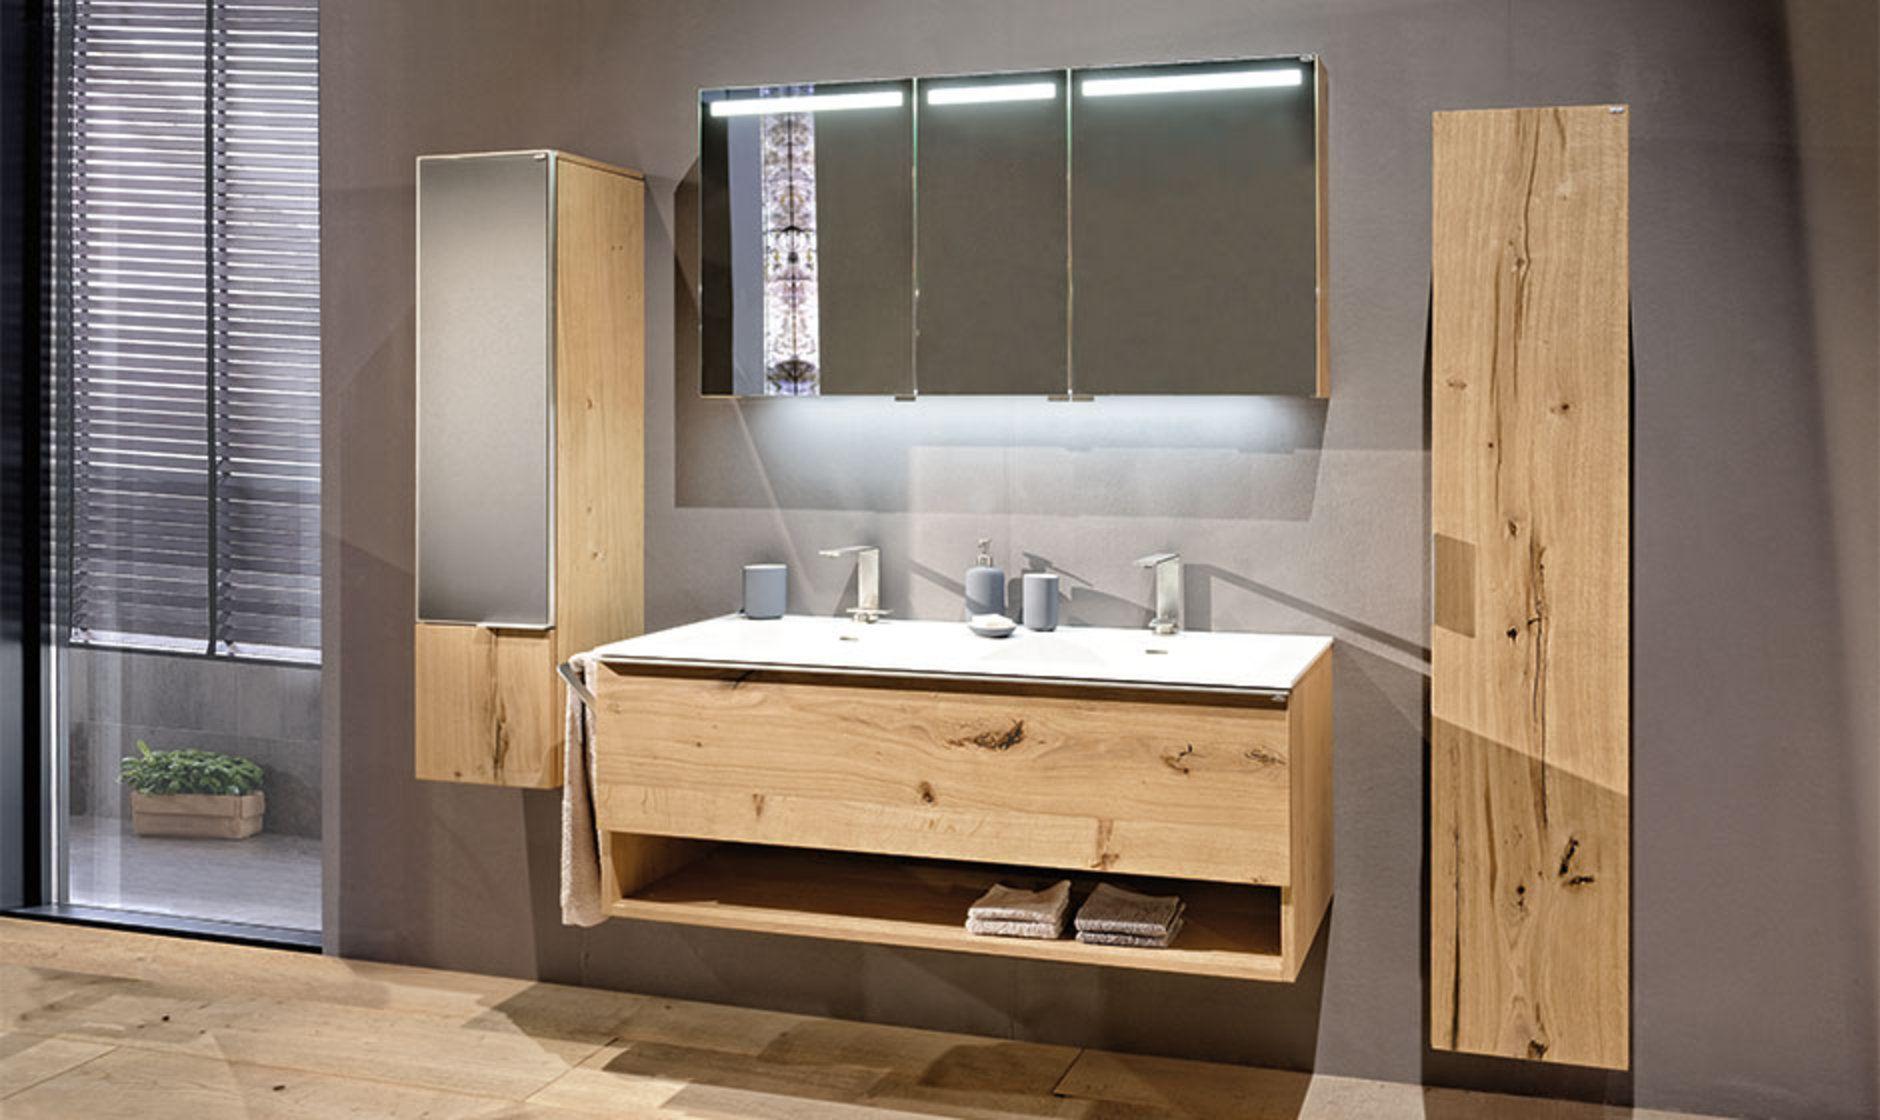 V Alpin Badezimmermobel Von Voglauer Badspiegelschrank Badezimmer Schminktisch